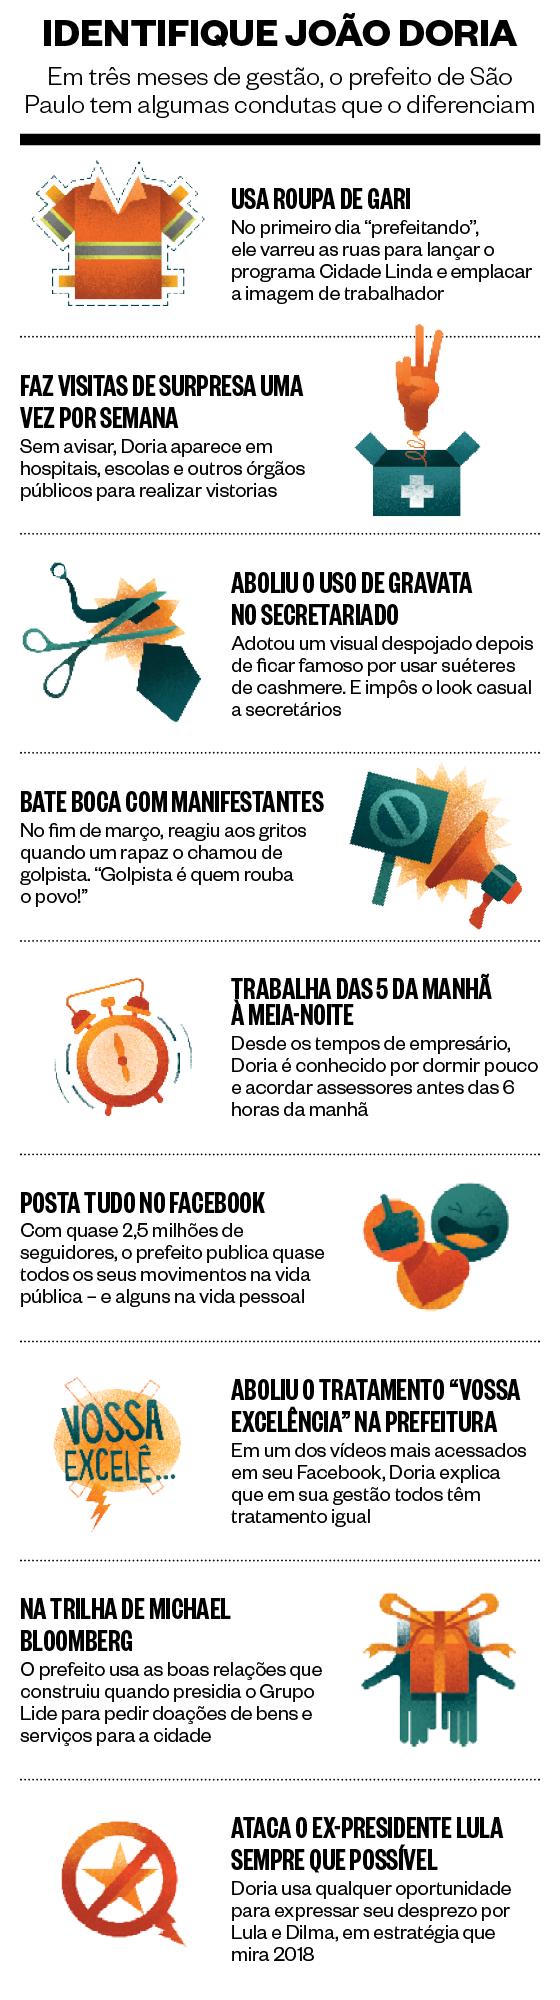 Identifique João Doria (Foto: Época )